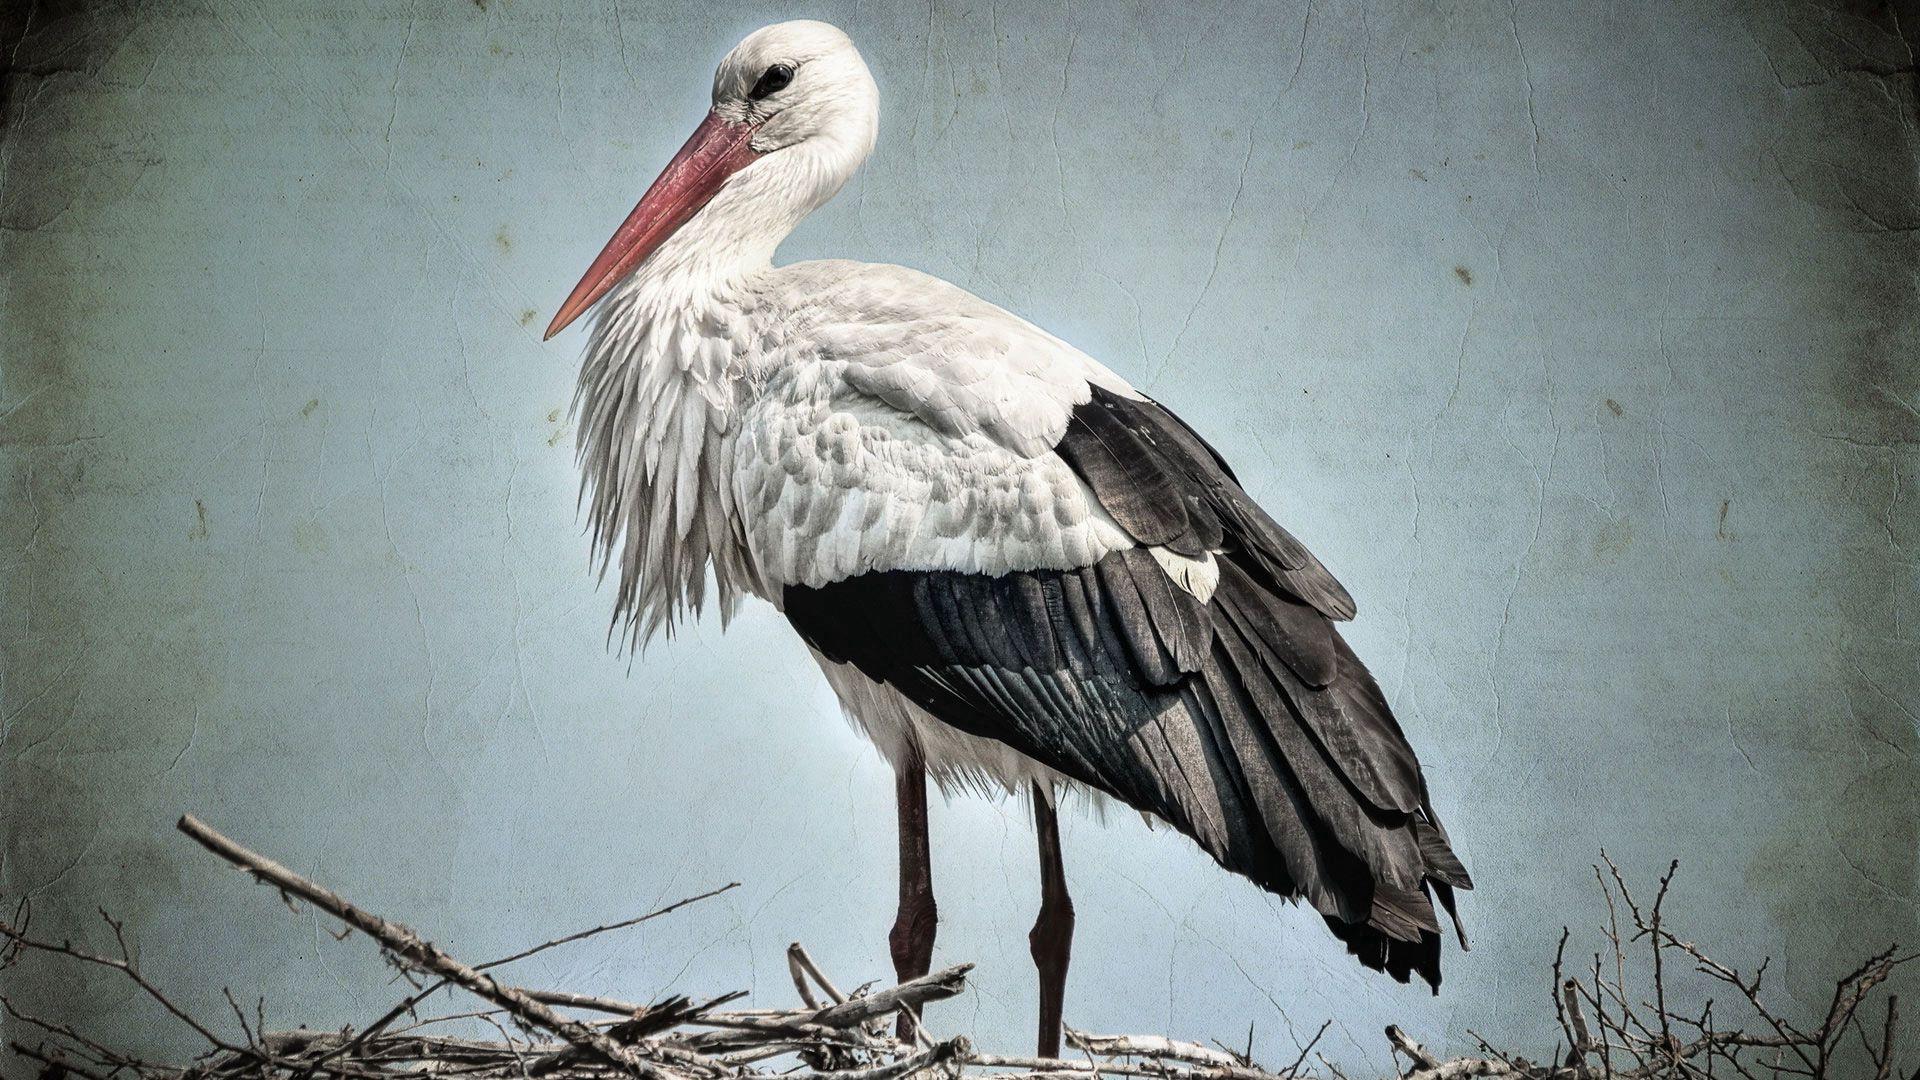 71857 Hintergrundbild herunterladen Tiere, Feder, Schnabel, Geäst, Zweige, Nest, Storch - Bildschirmschoner und Bilder kostenlos